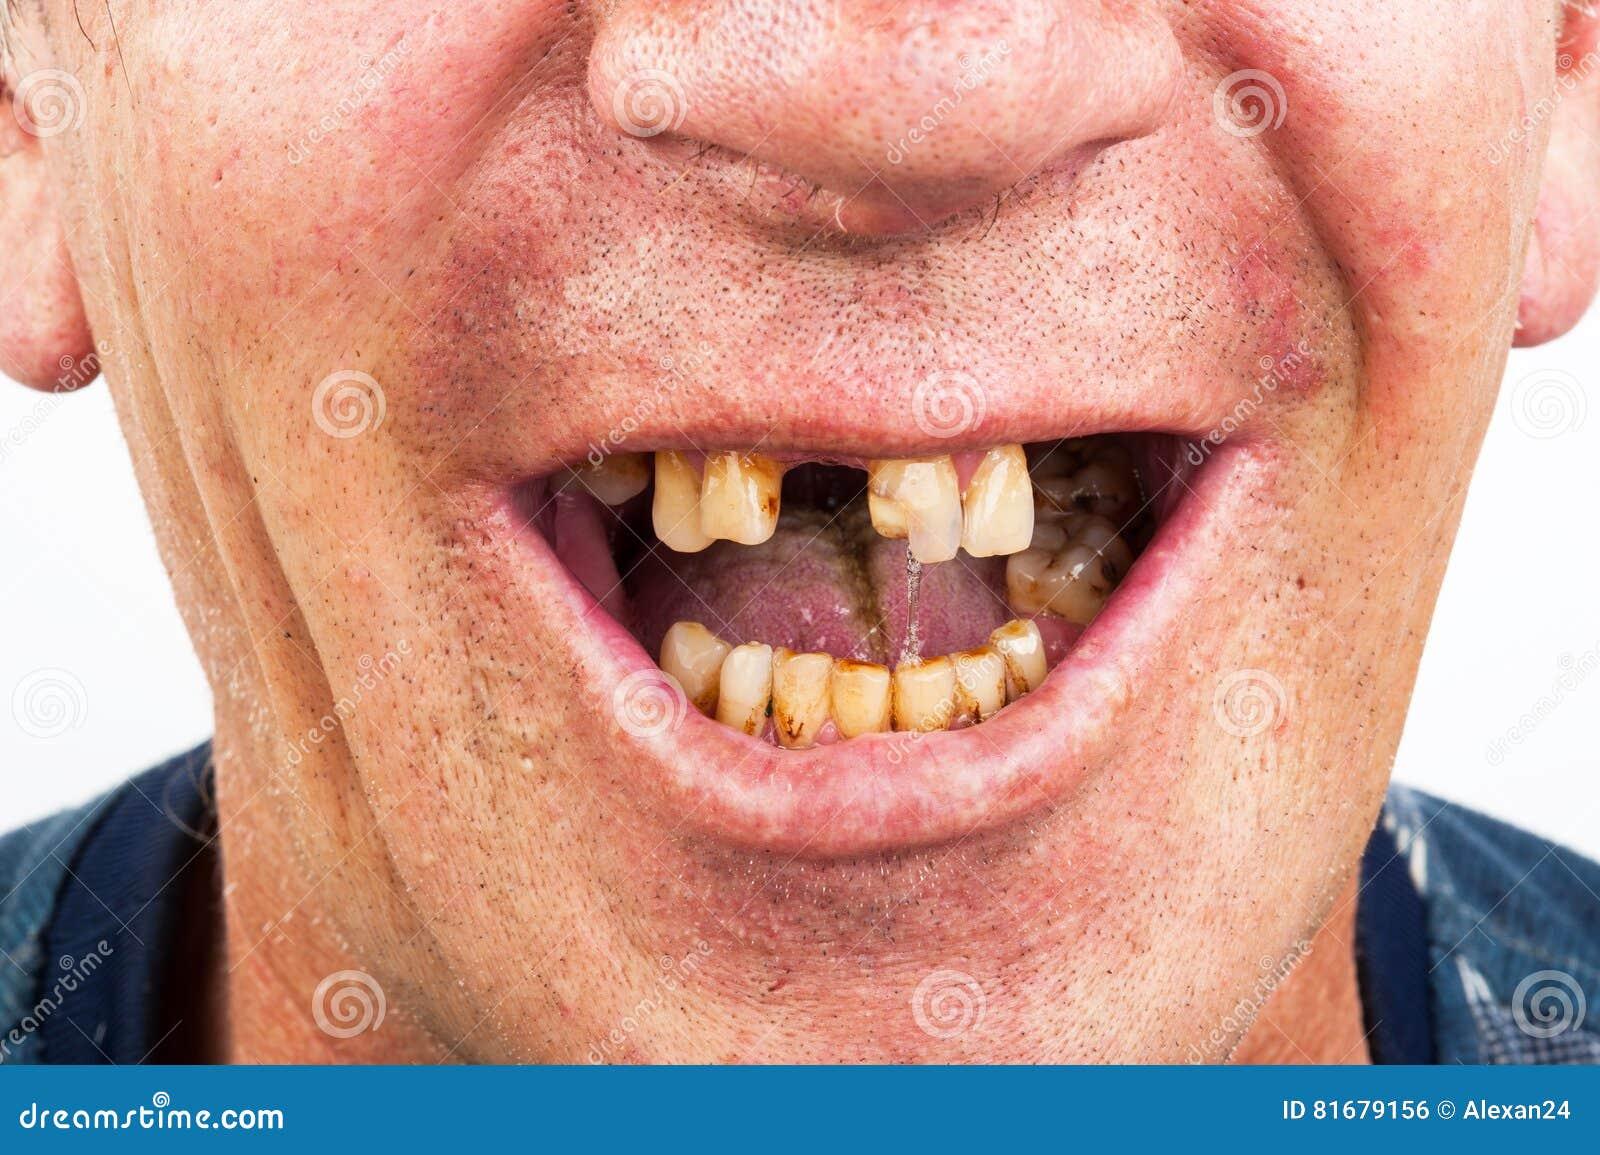 20 mit schlechte zähne Schlechte Zähne